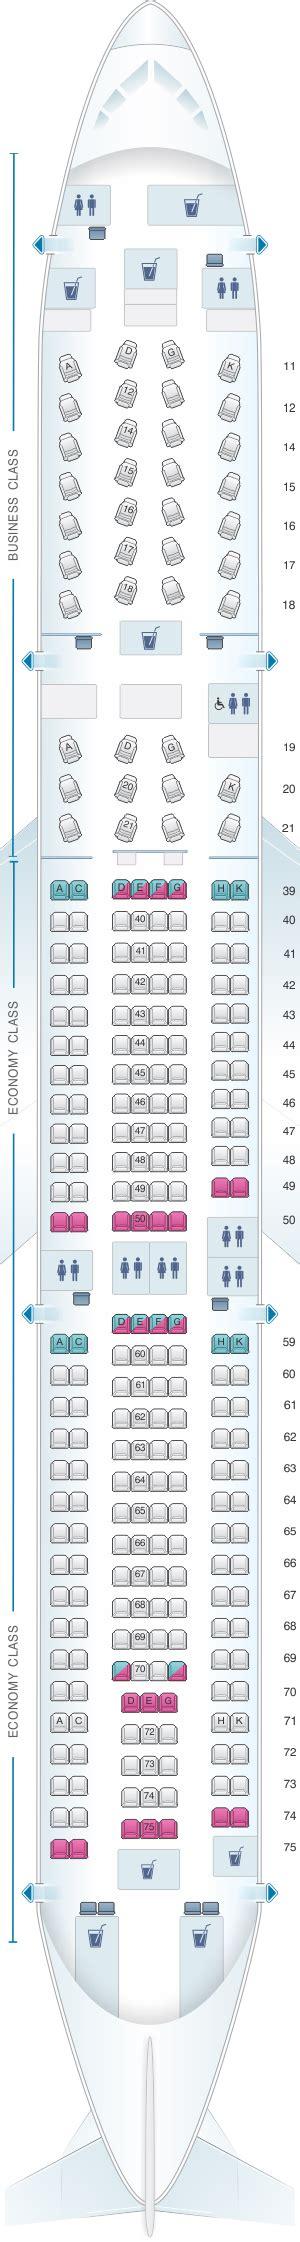 a330 seat map cathay pacific seat map cathay pacific airways airbus a330 300 33e